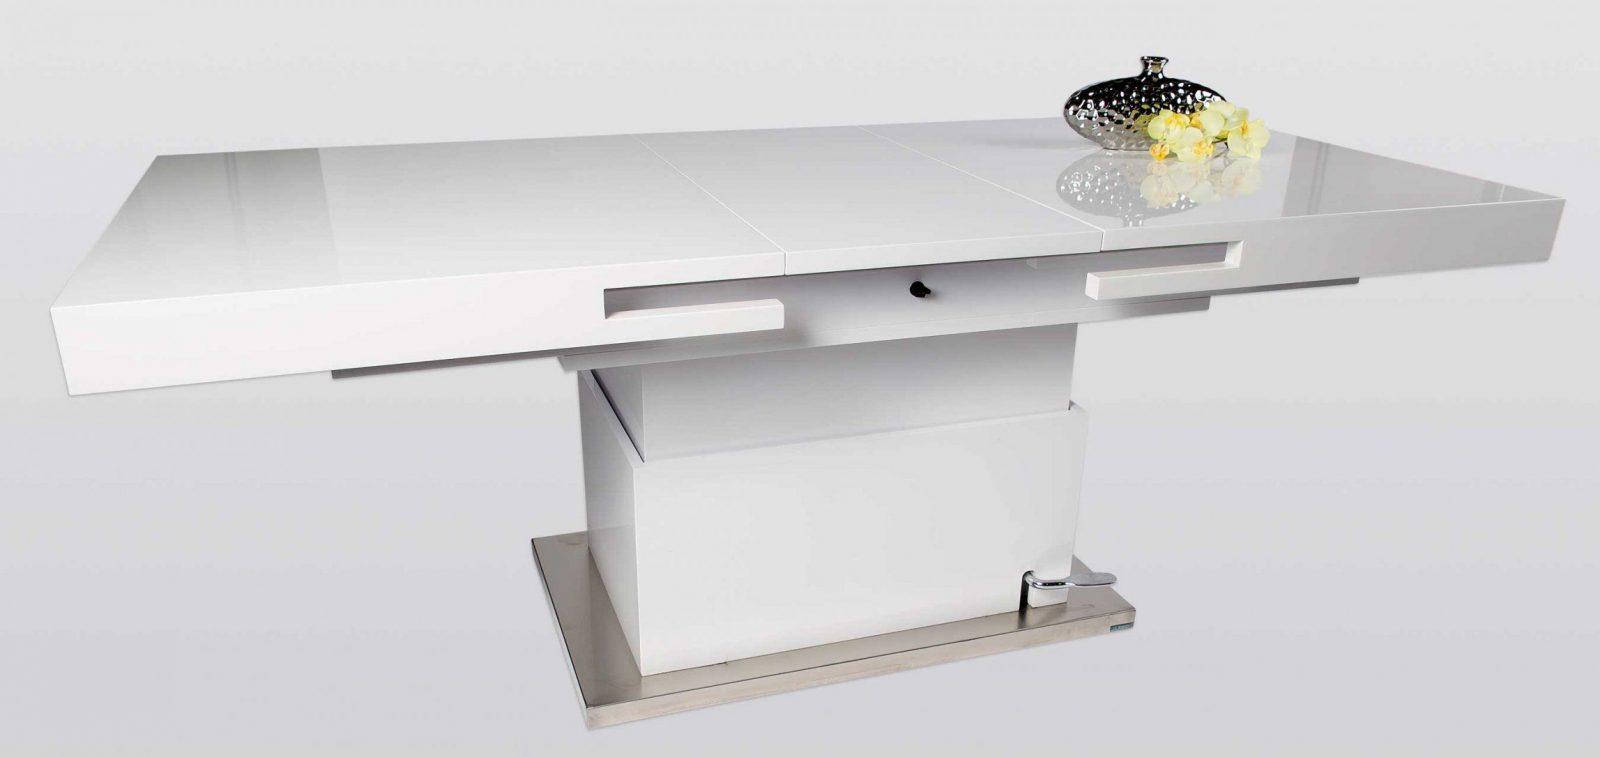 Hl Design Lennox Weißer Couchtisch Höhenverstellbar Ausziehbar von Höhenverstellbarer Ausziehbarer Couchtisch Photo